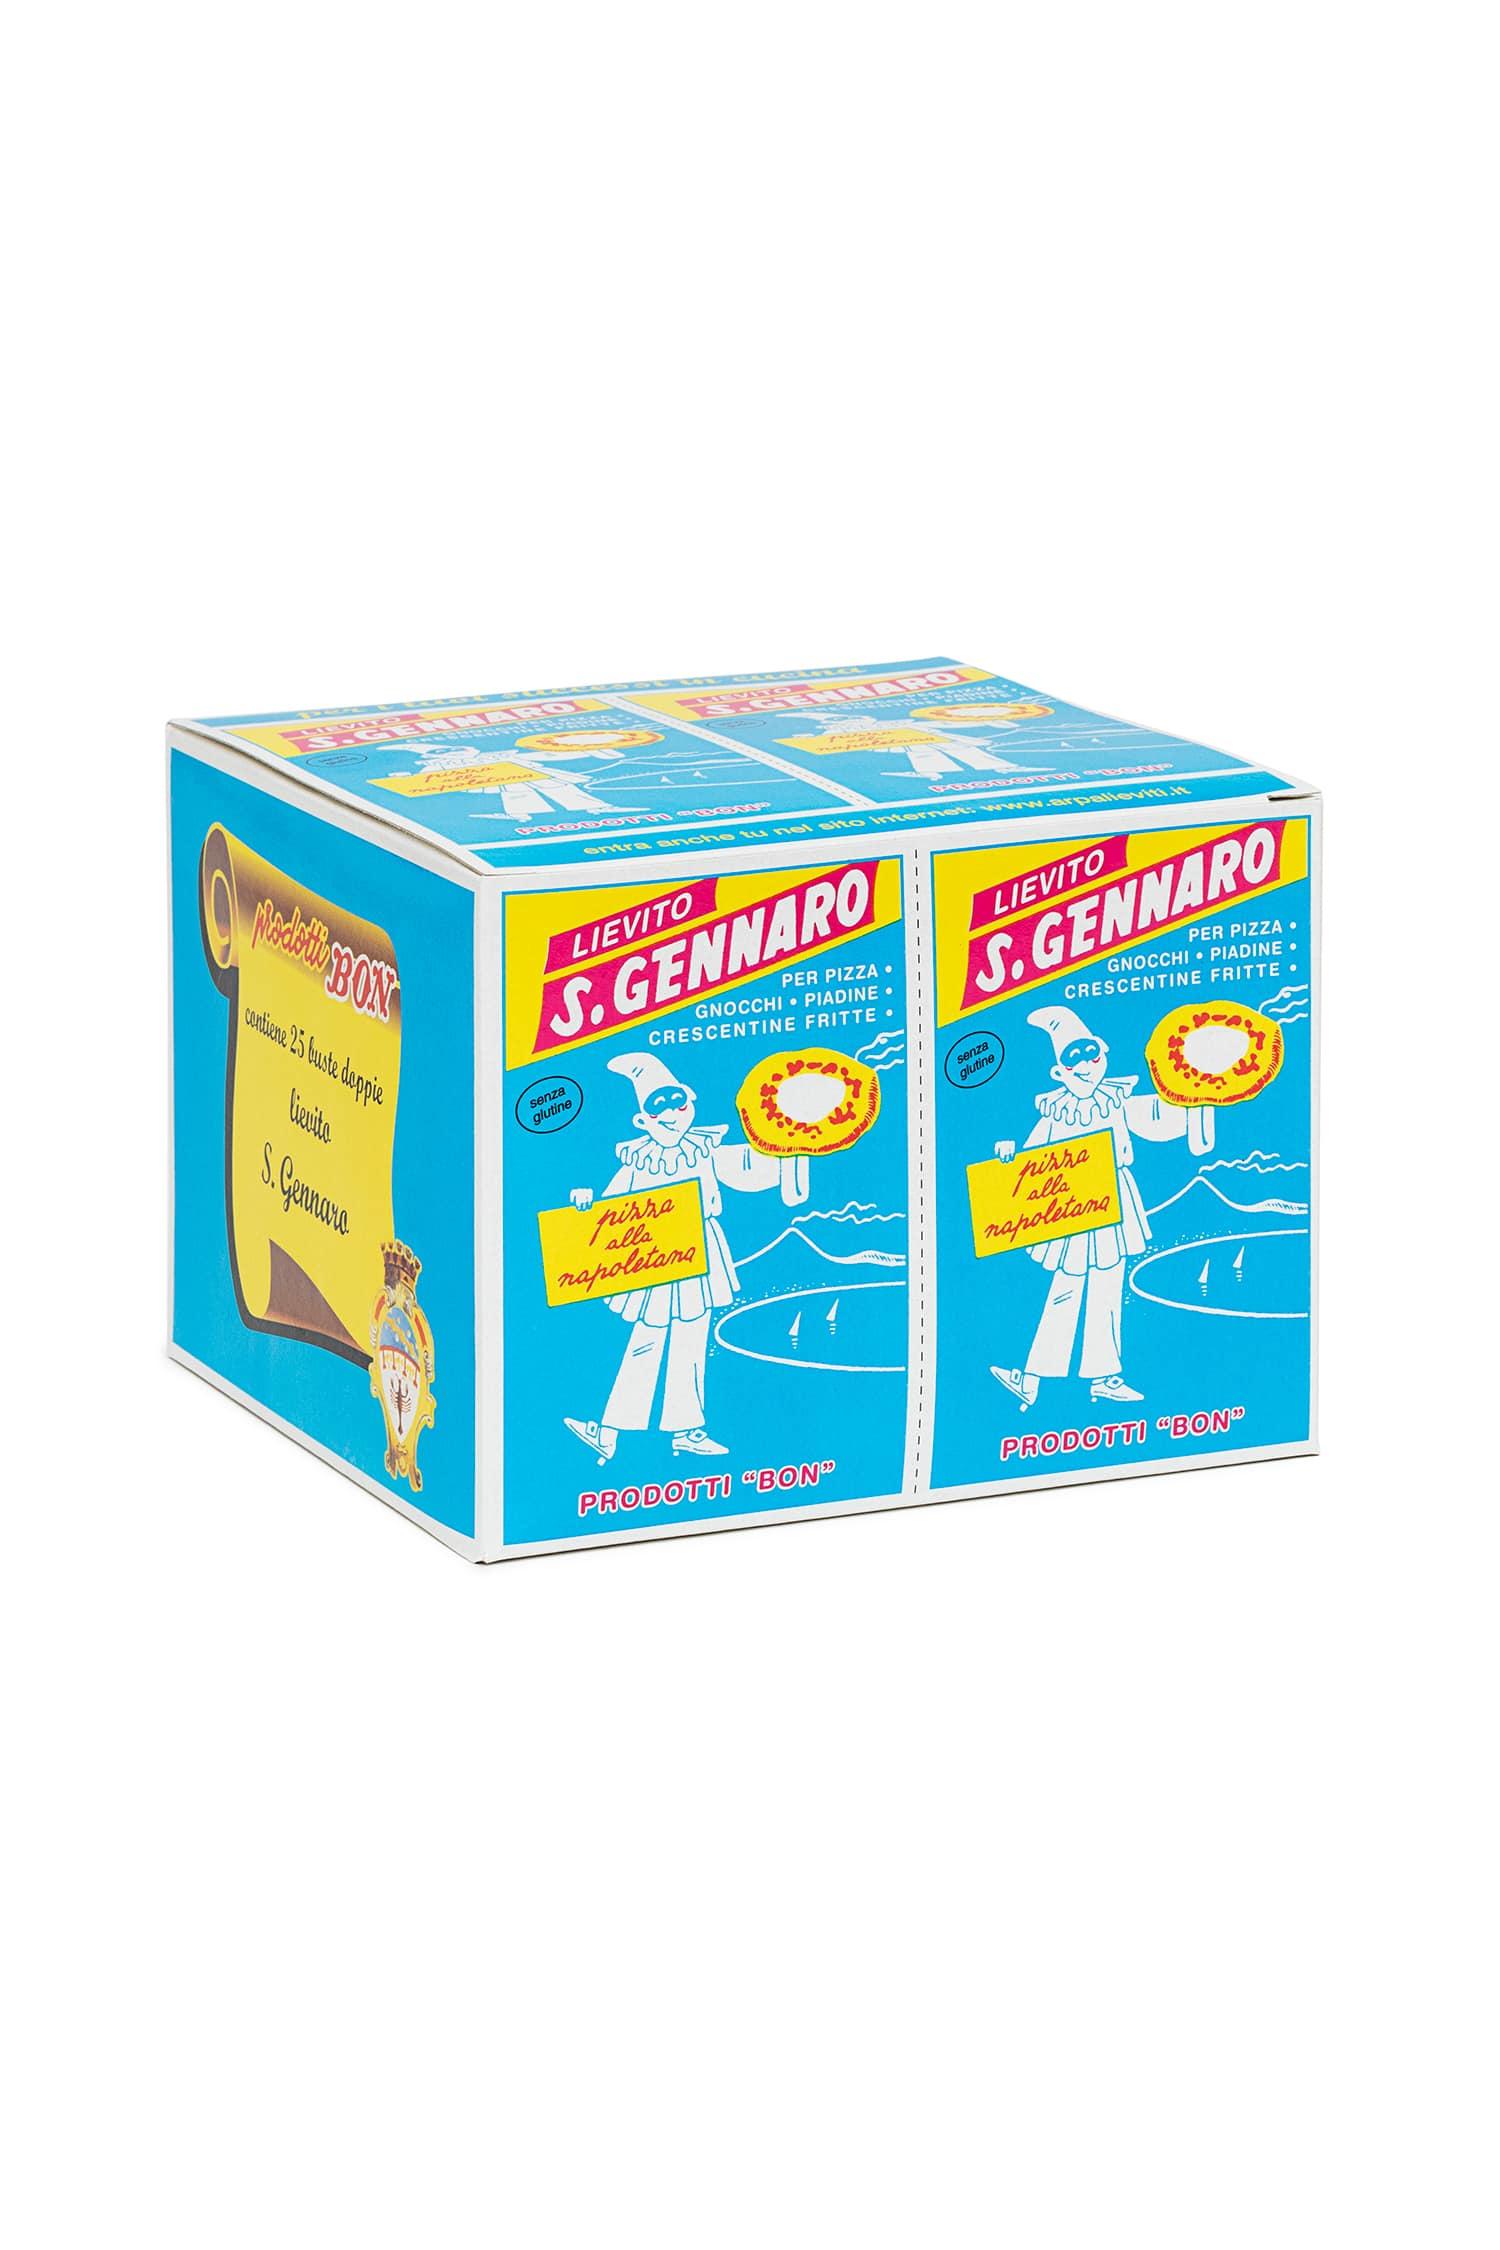 Packaging del prodotto Lievito S. Gennaro